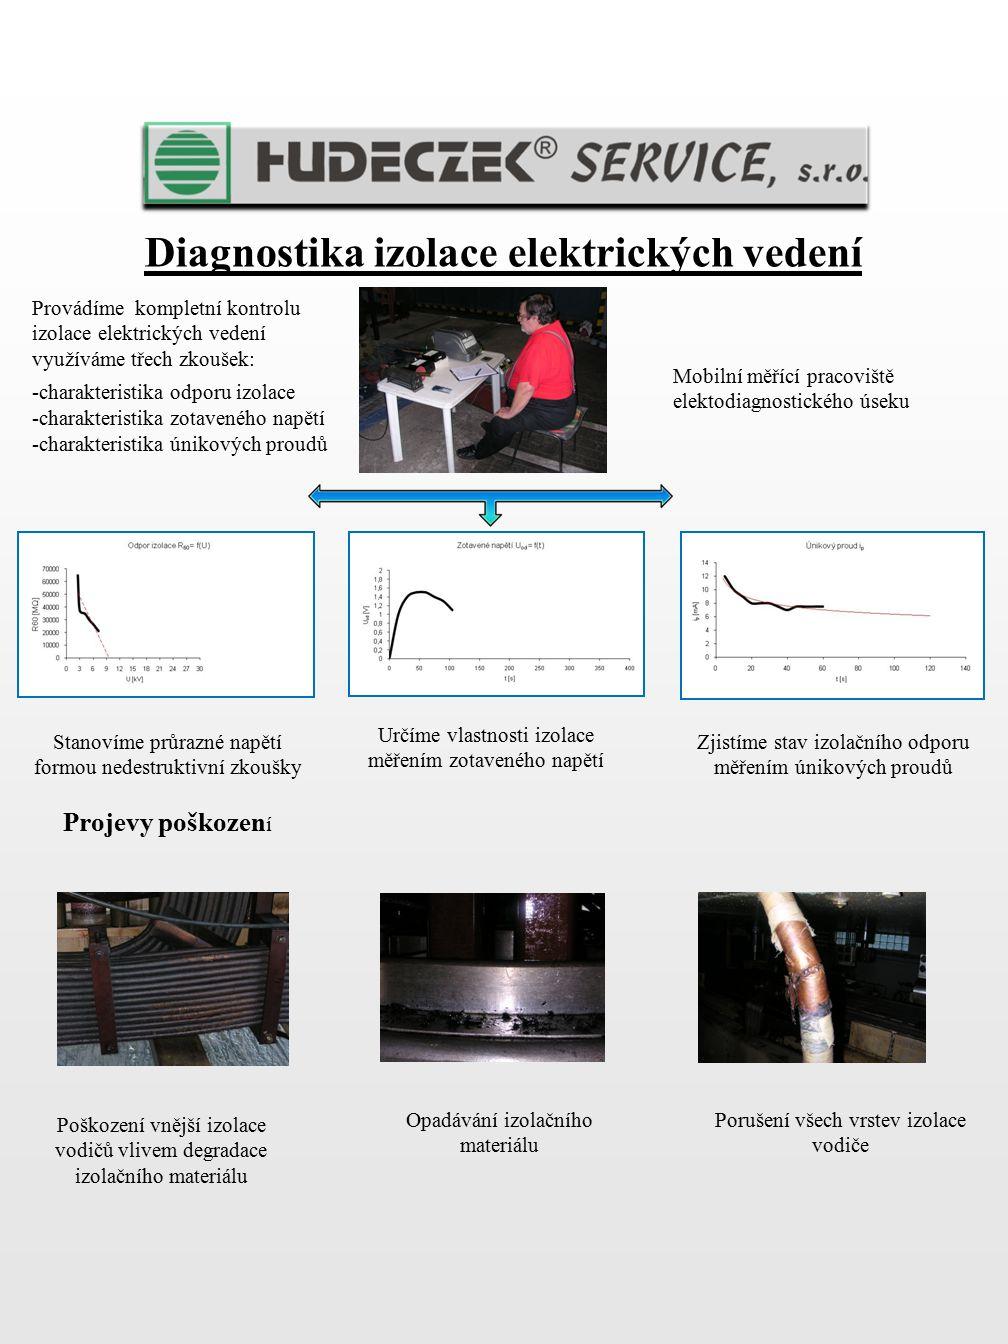 Diagnostika izolace elektrických vedení